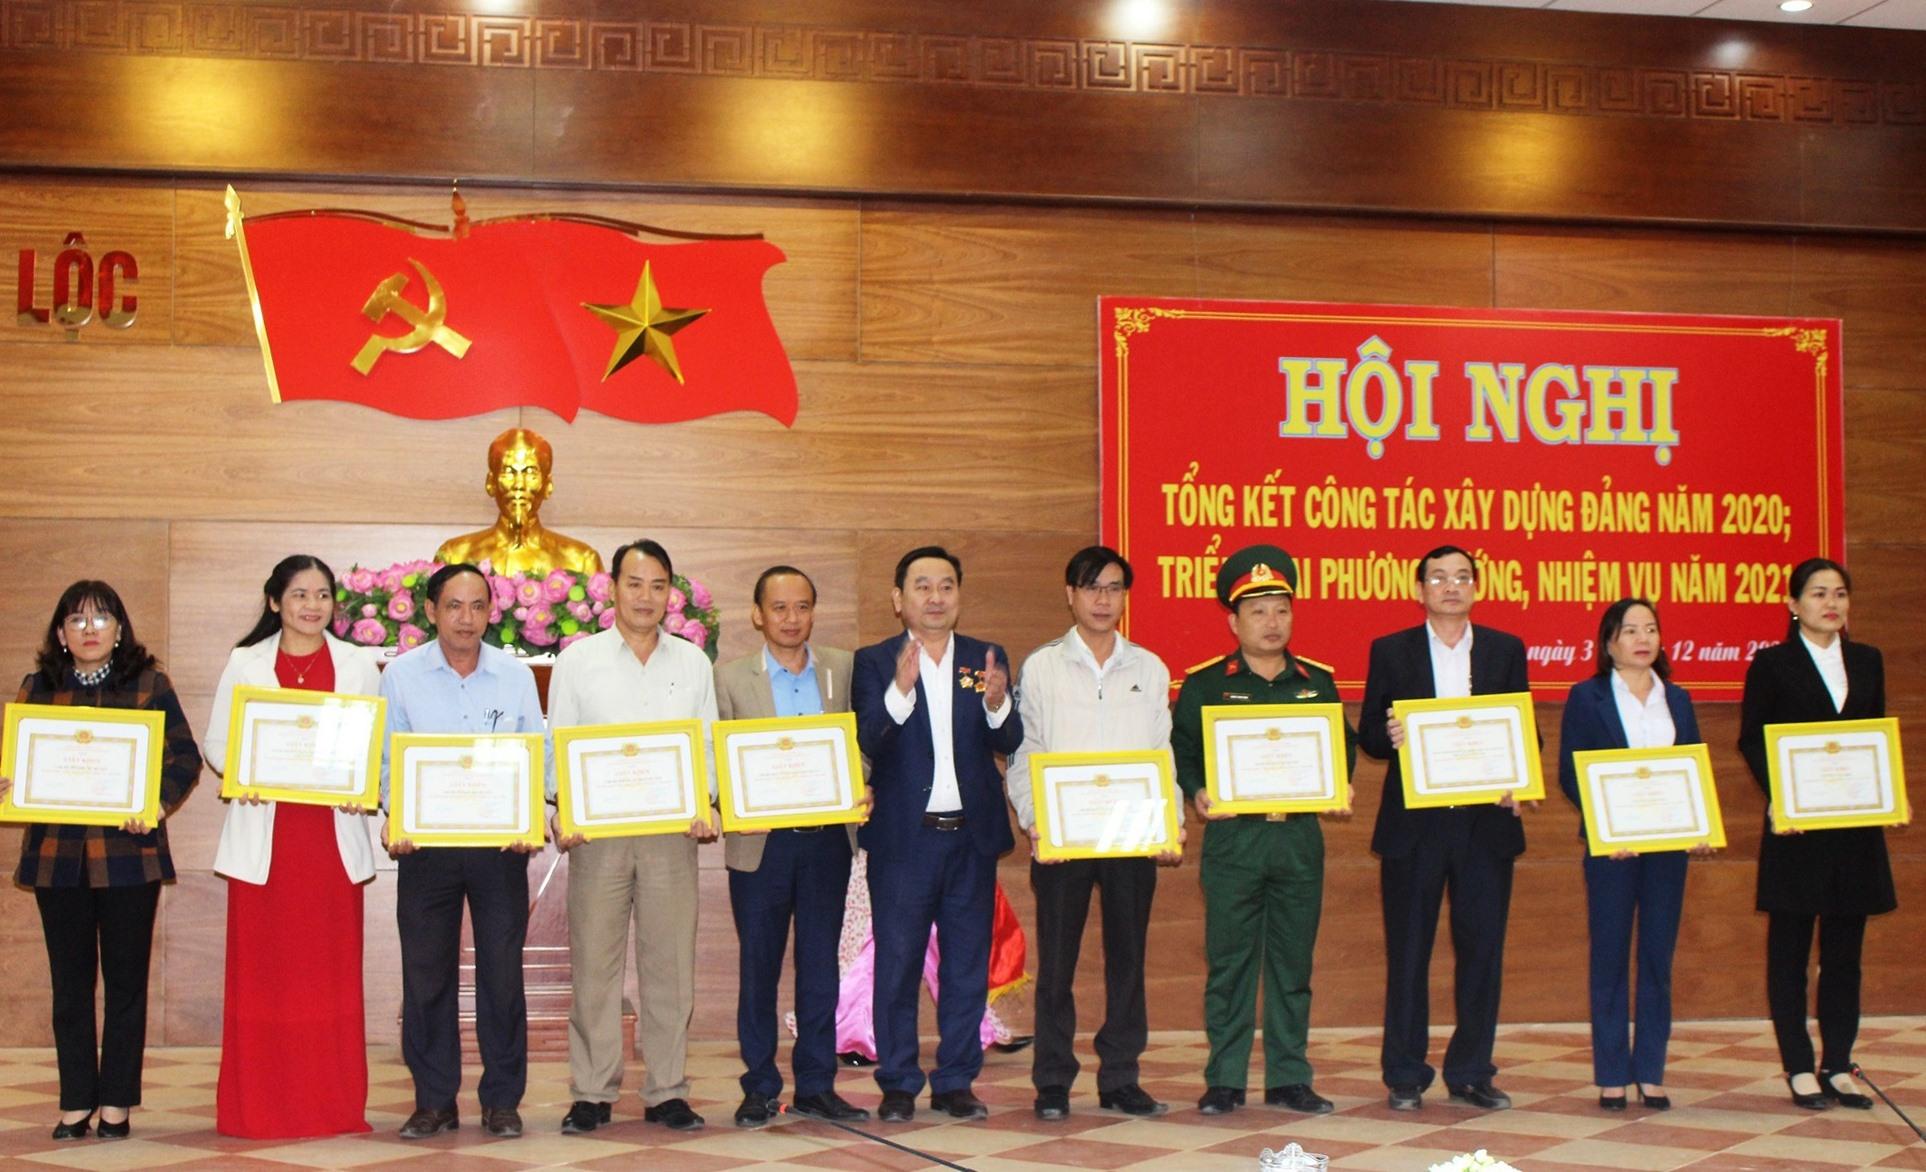 Khen thưởng tập thể Đảng và đảng viên xuất sắc trong năm 2020. Ảnh: NHAN DUY